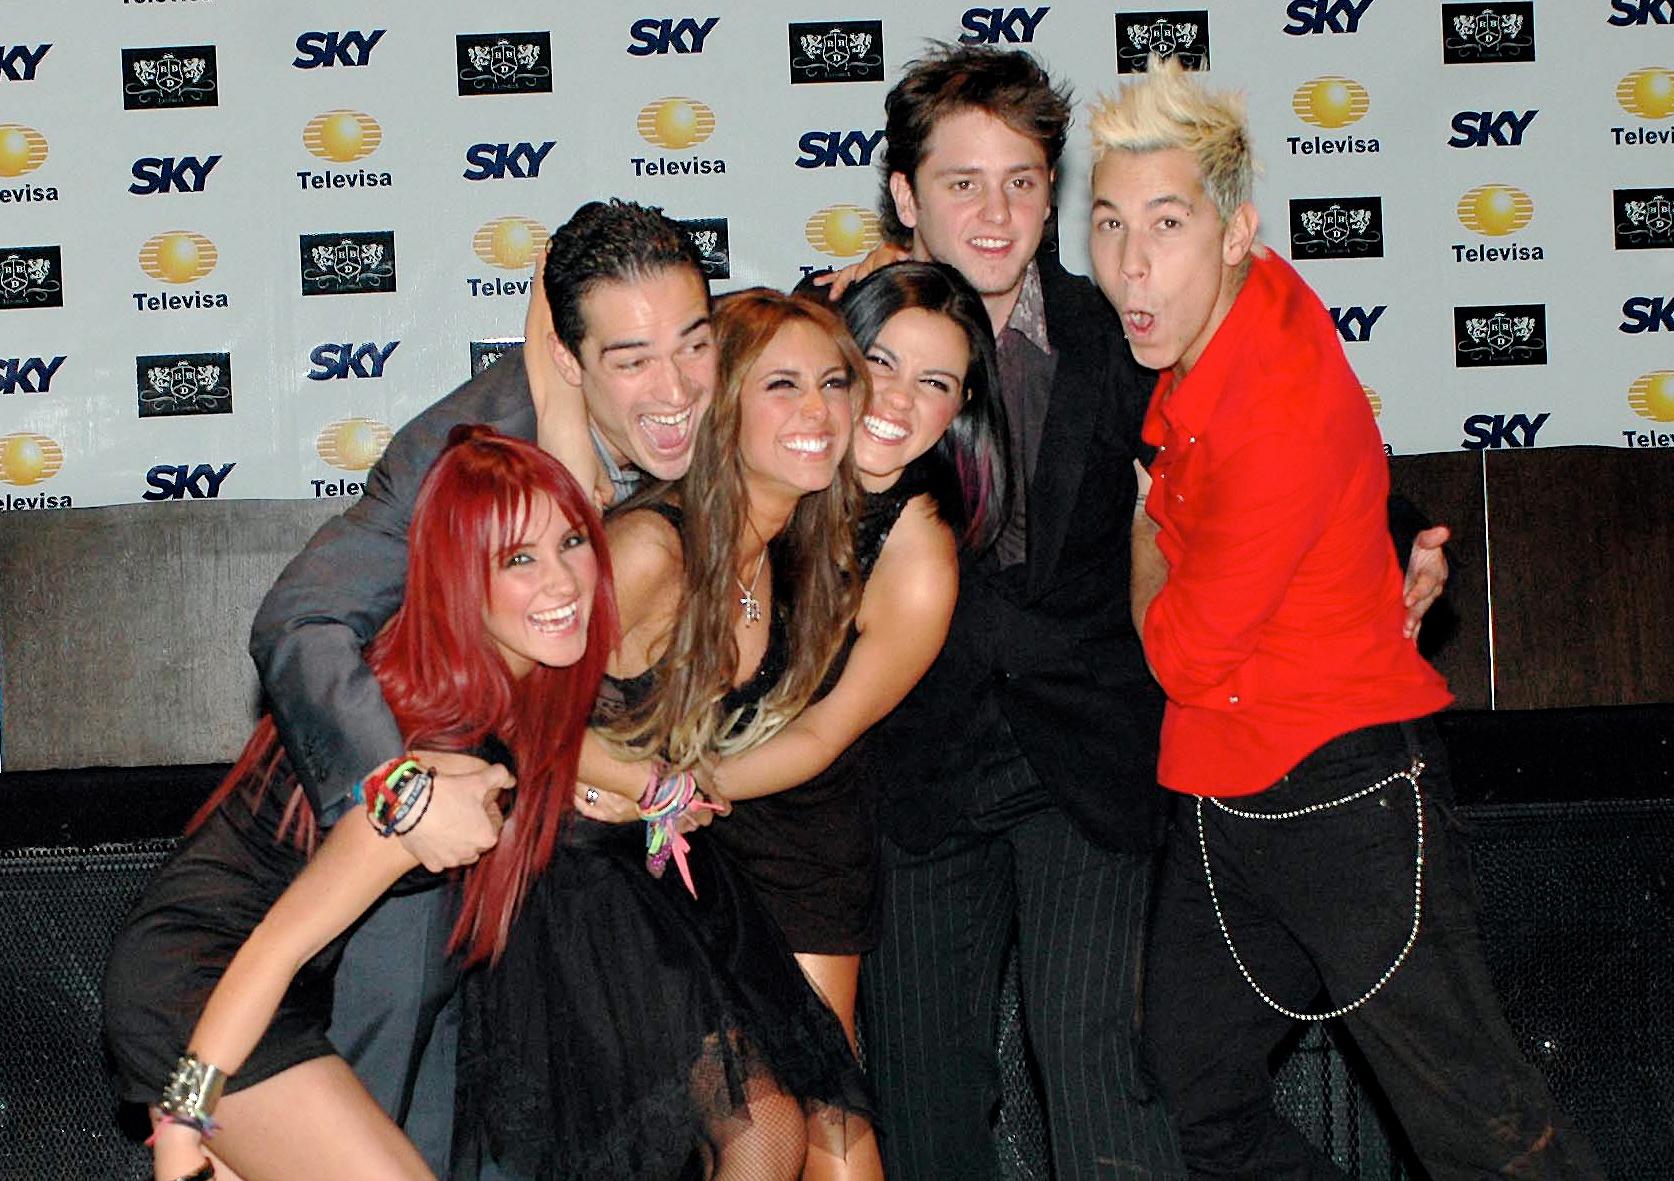 RBDs no lançamento da série La Família em 2007. Da direita para a esquerda: Dulce María, Alfonso Herrera, Anahí, Maitê Perroni, Christopher von Uckermann e Christian Chávez.